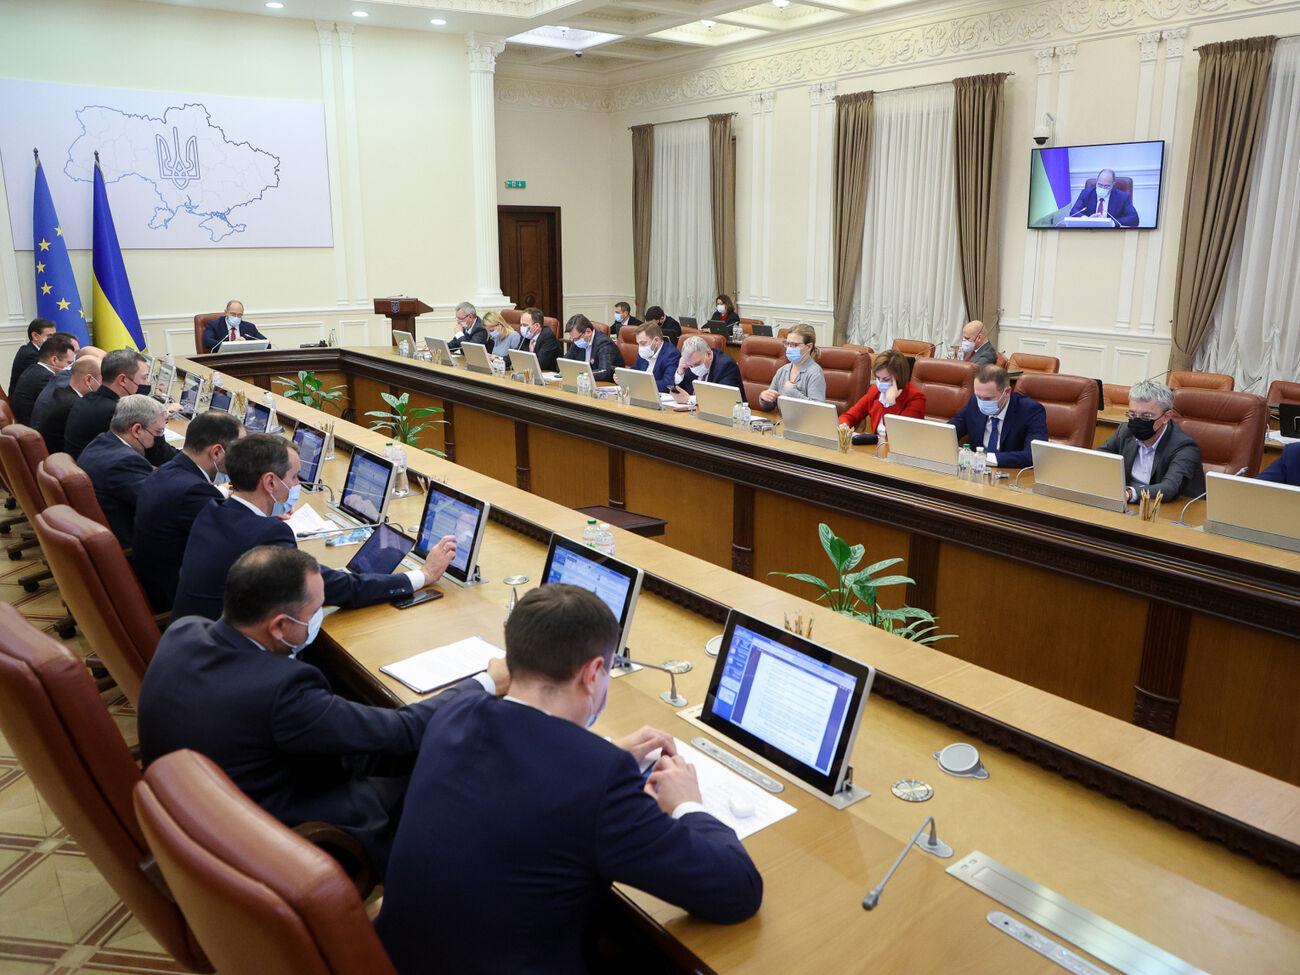 Стефанчук заявил, что пока нет оснований говорить о каких-то кадровых изменениях в Кабмине, кроме отставки Абрамовского